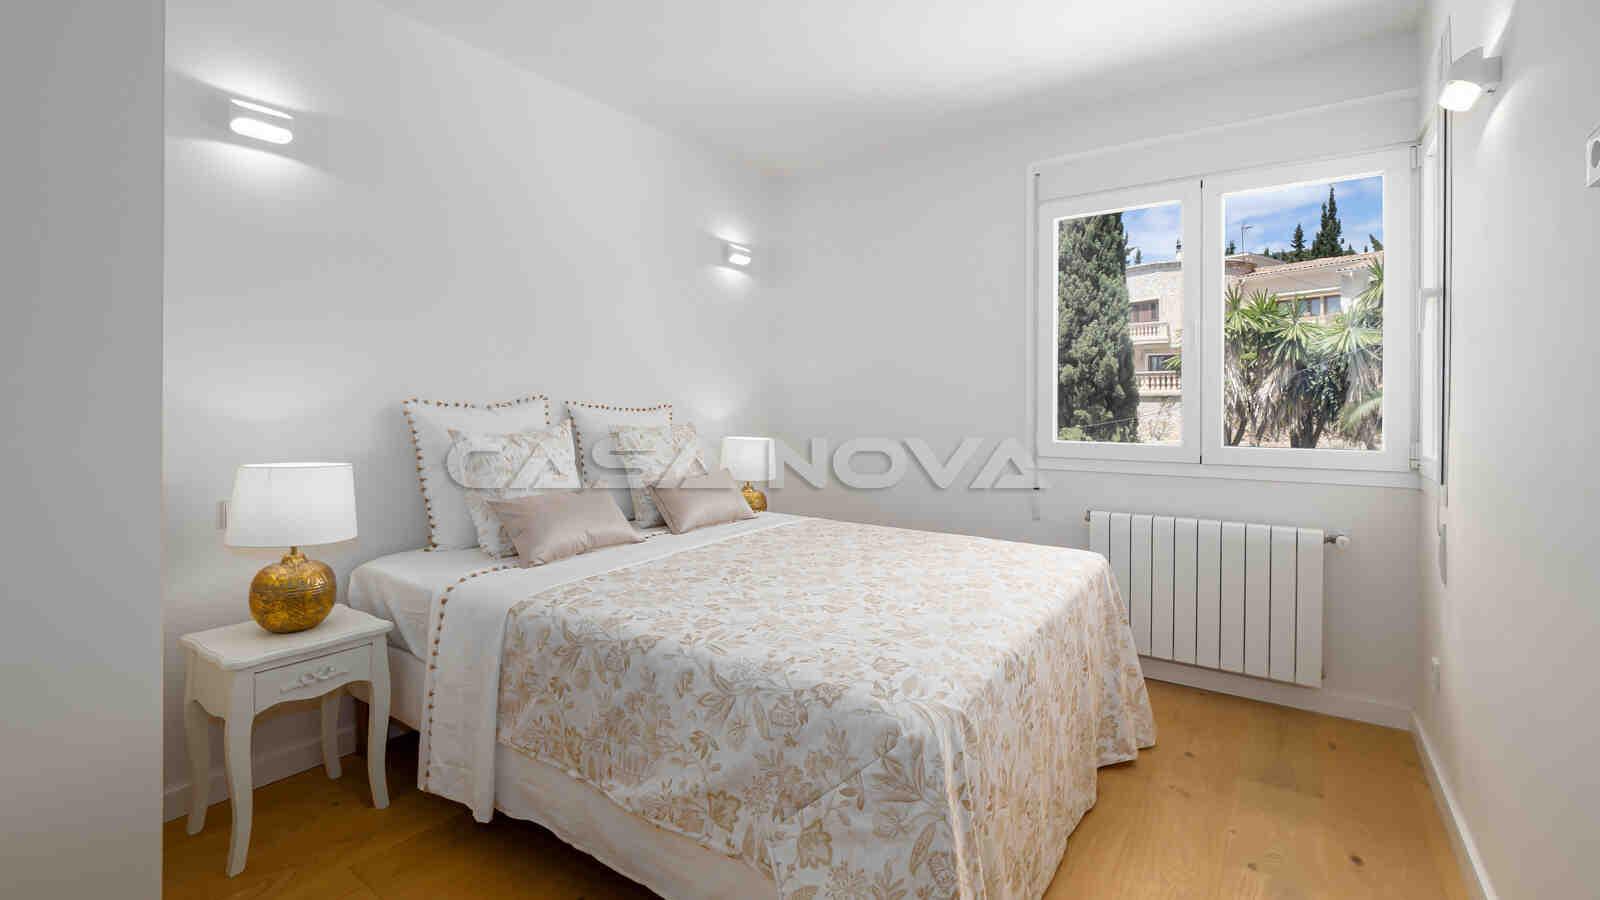 Helles Schlafzimmer mit toller Einrichtung